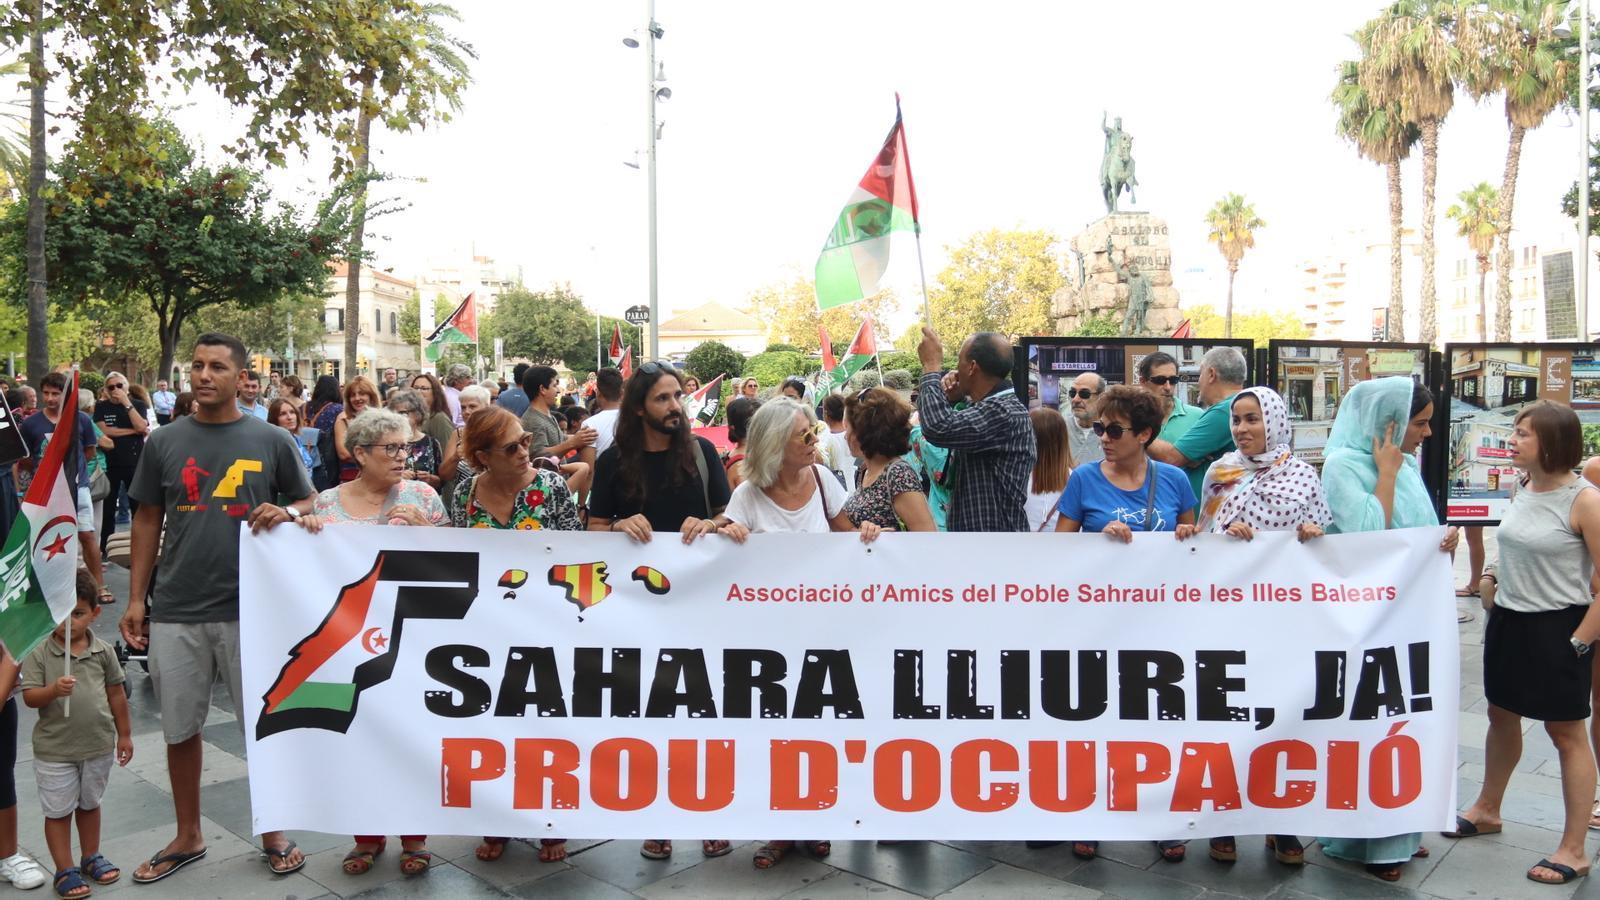 Un centenar de persones es concentren per demanar la llibertat del poble saharaui